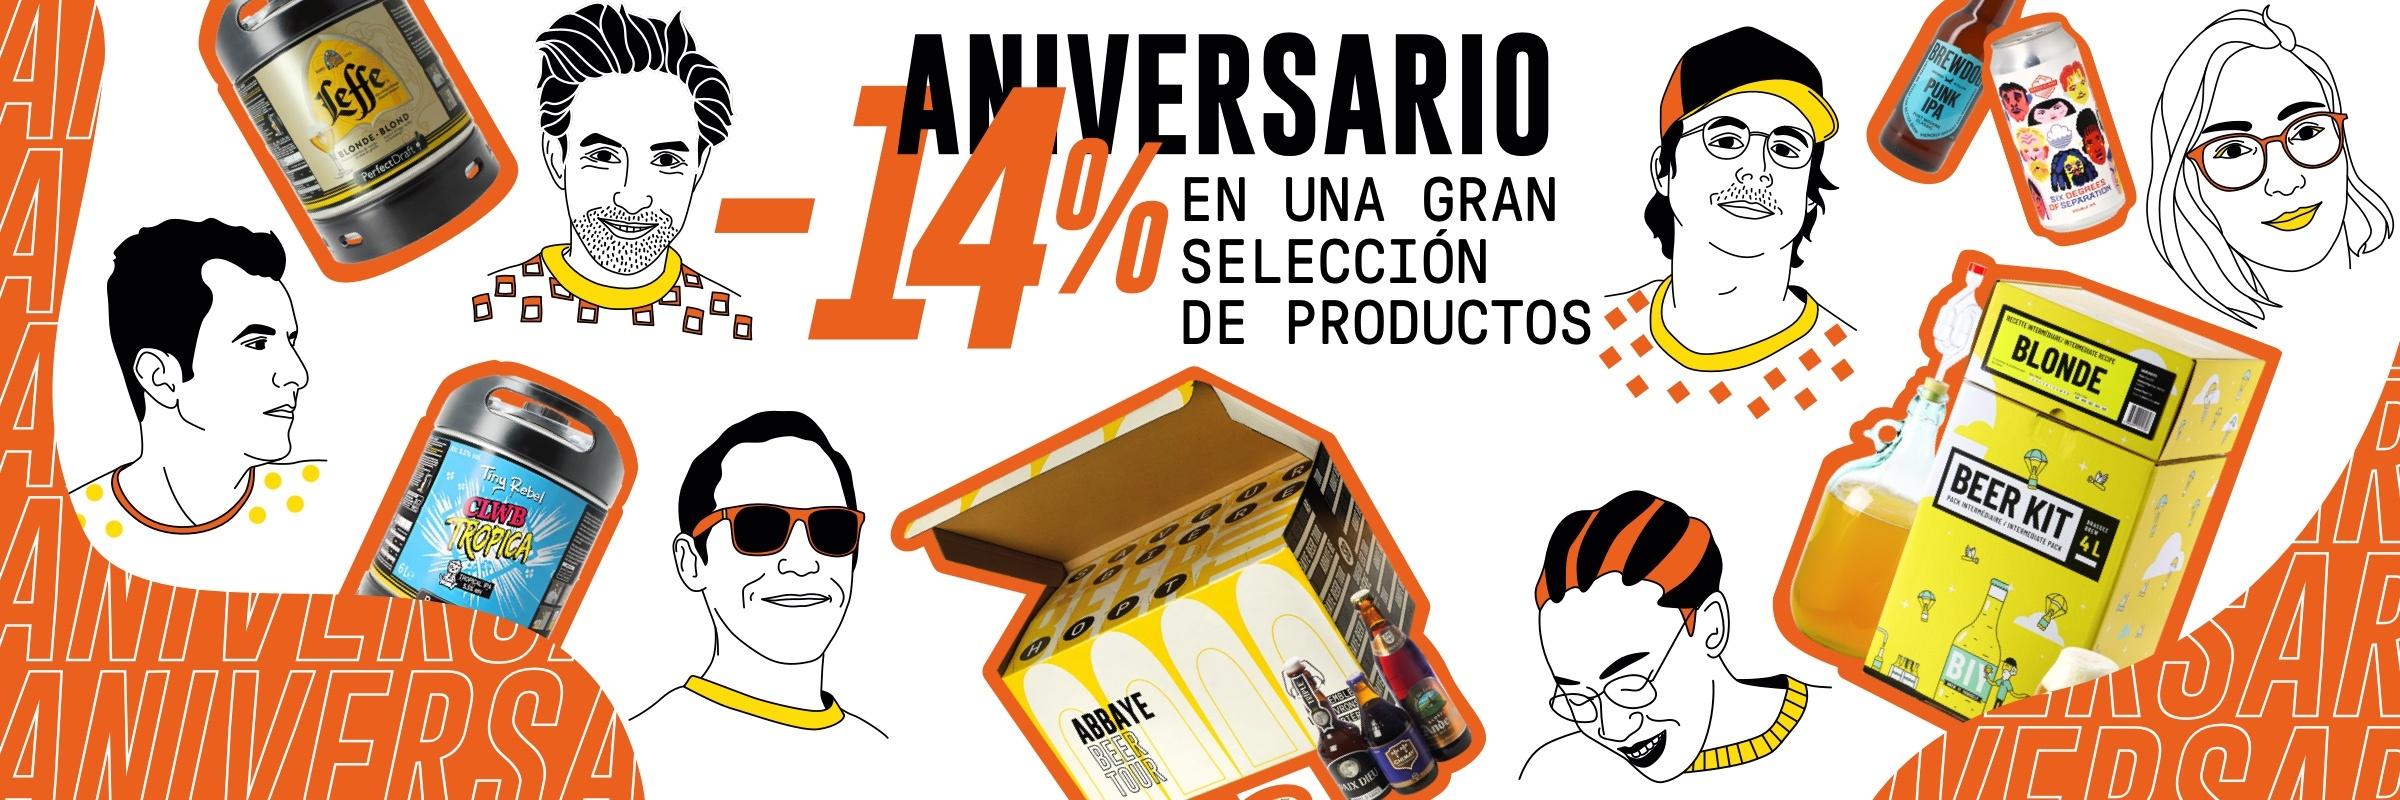 ANIVERSARIO HOPT: -14%* en una gran selección de productos.